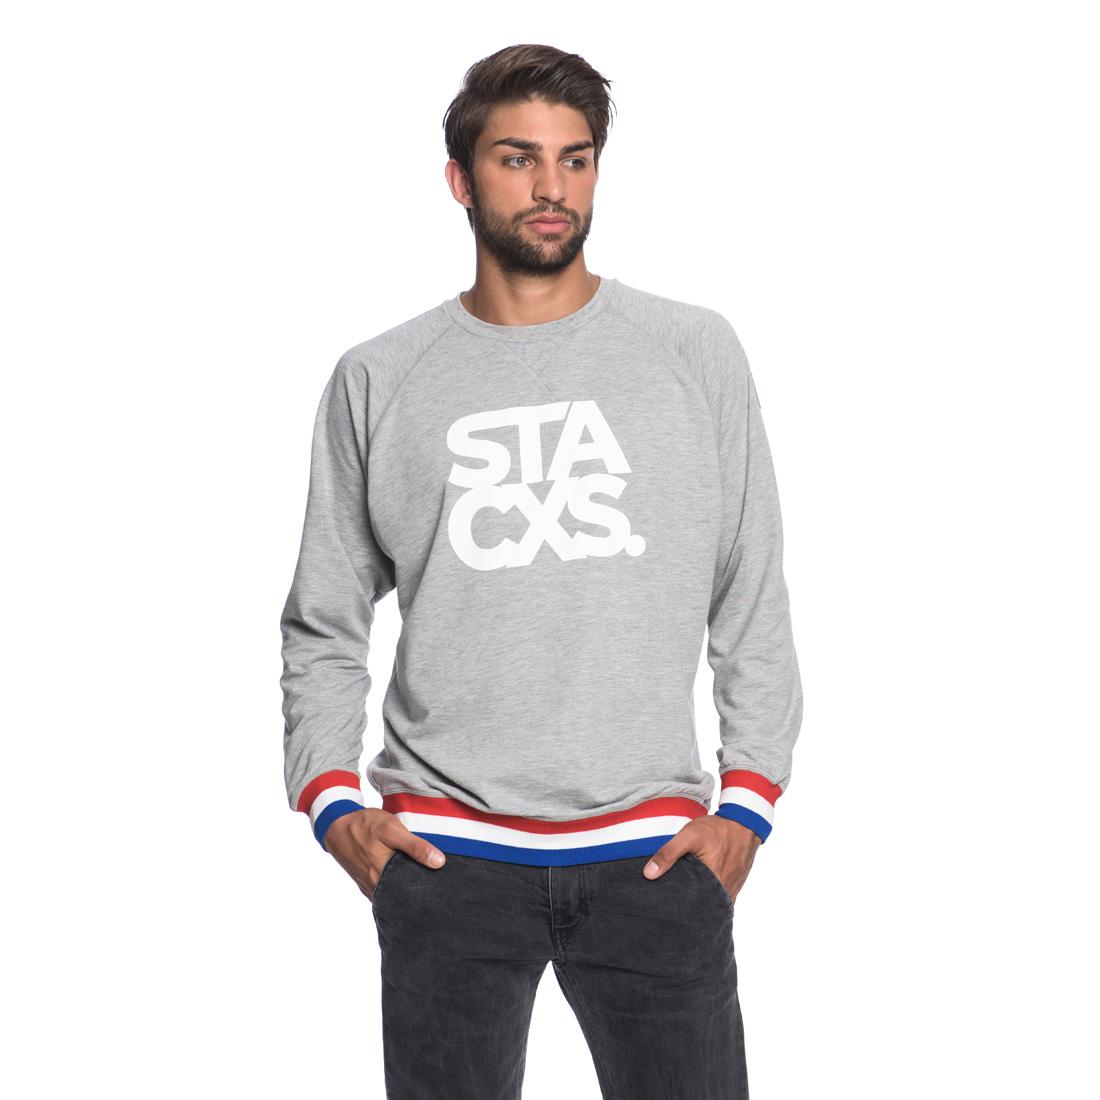 White Logo von Stacxs - Sweater jetzt im Stacxs Shop Shop